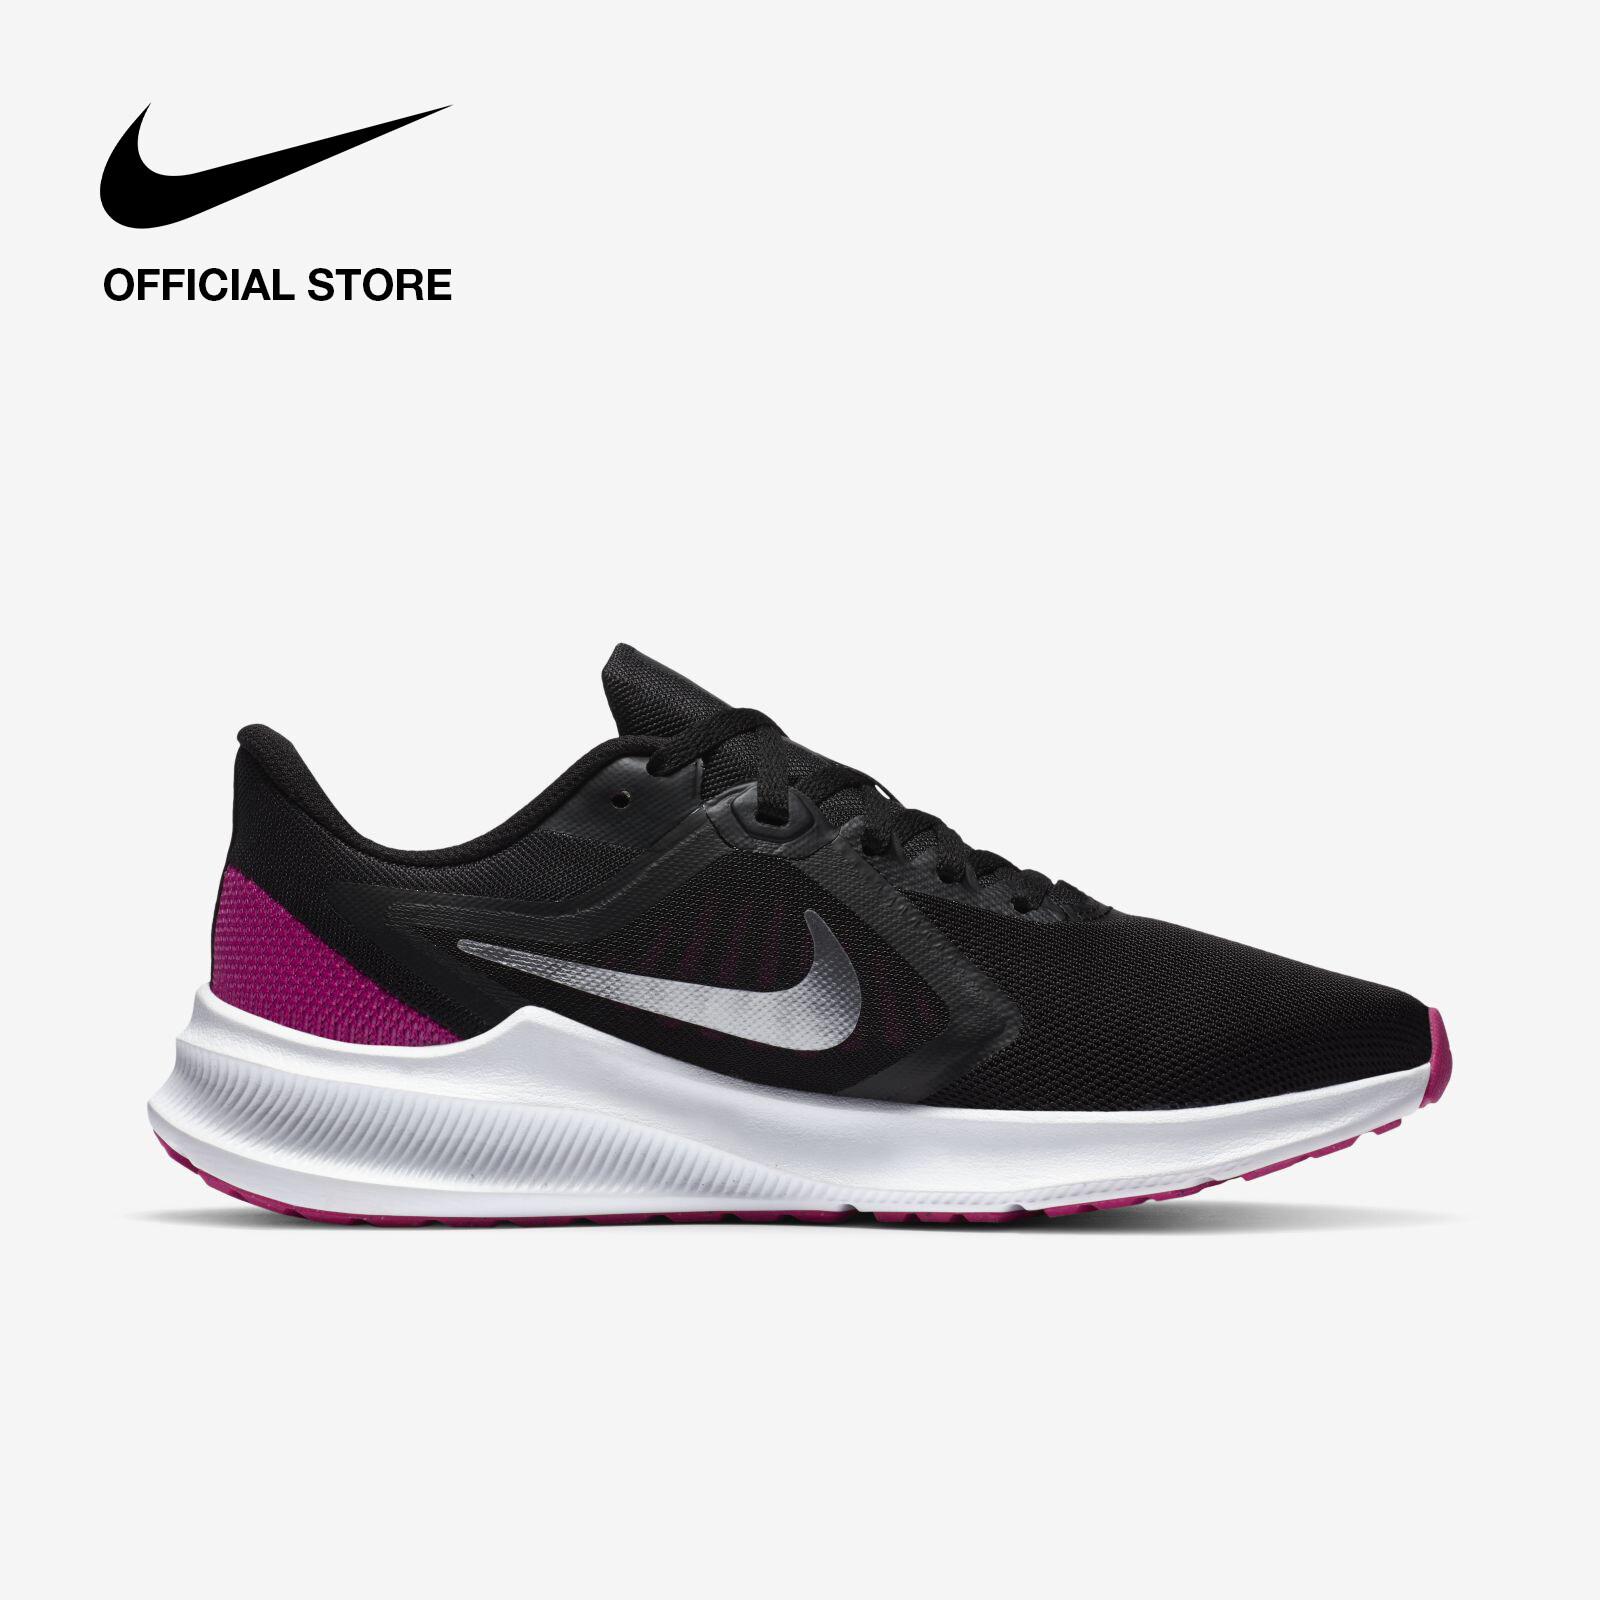 รีวิว Nike Women's Downshifter 10 Running Shoes - Black